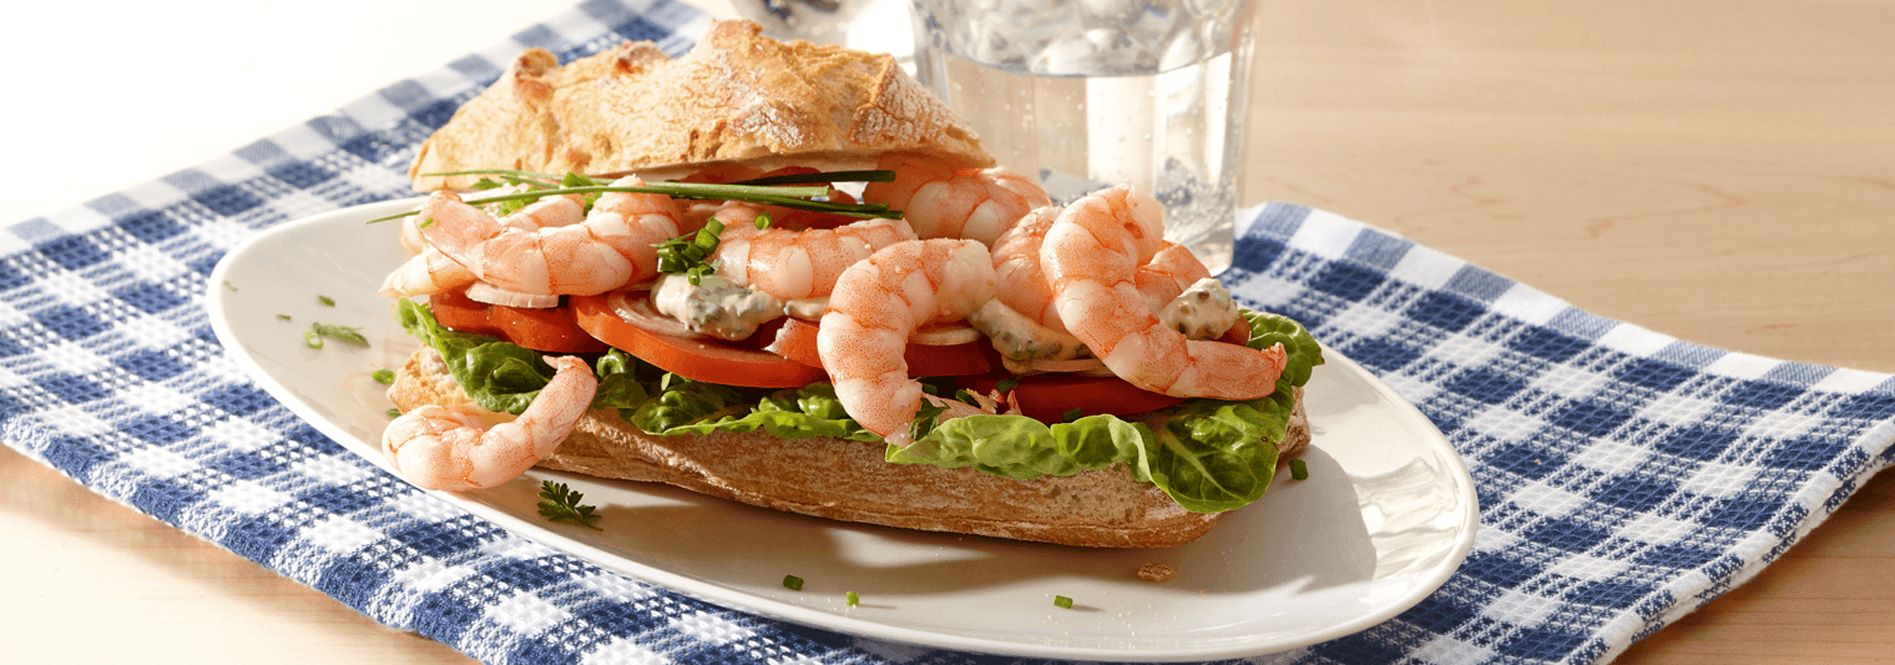 Rezeptfoto Sandwich Pacific von COSTA Meeresspezialitäten